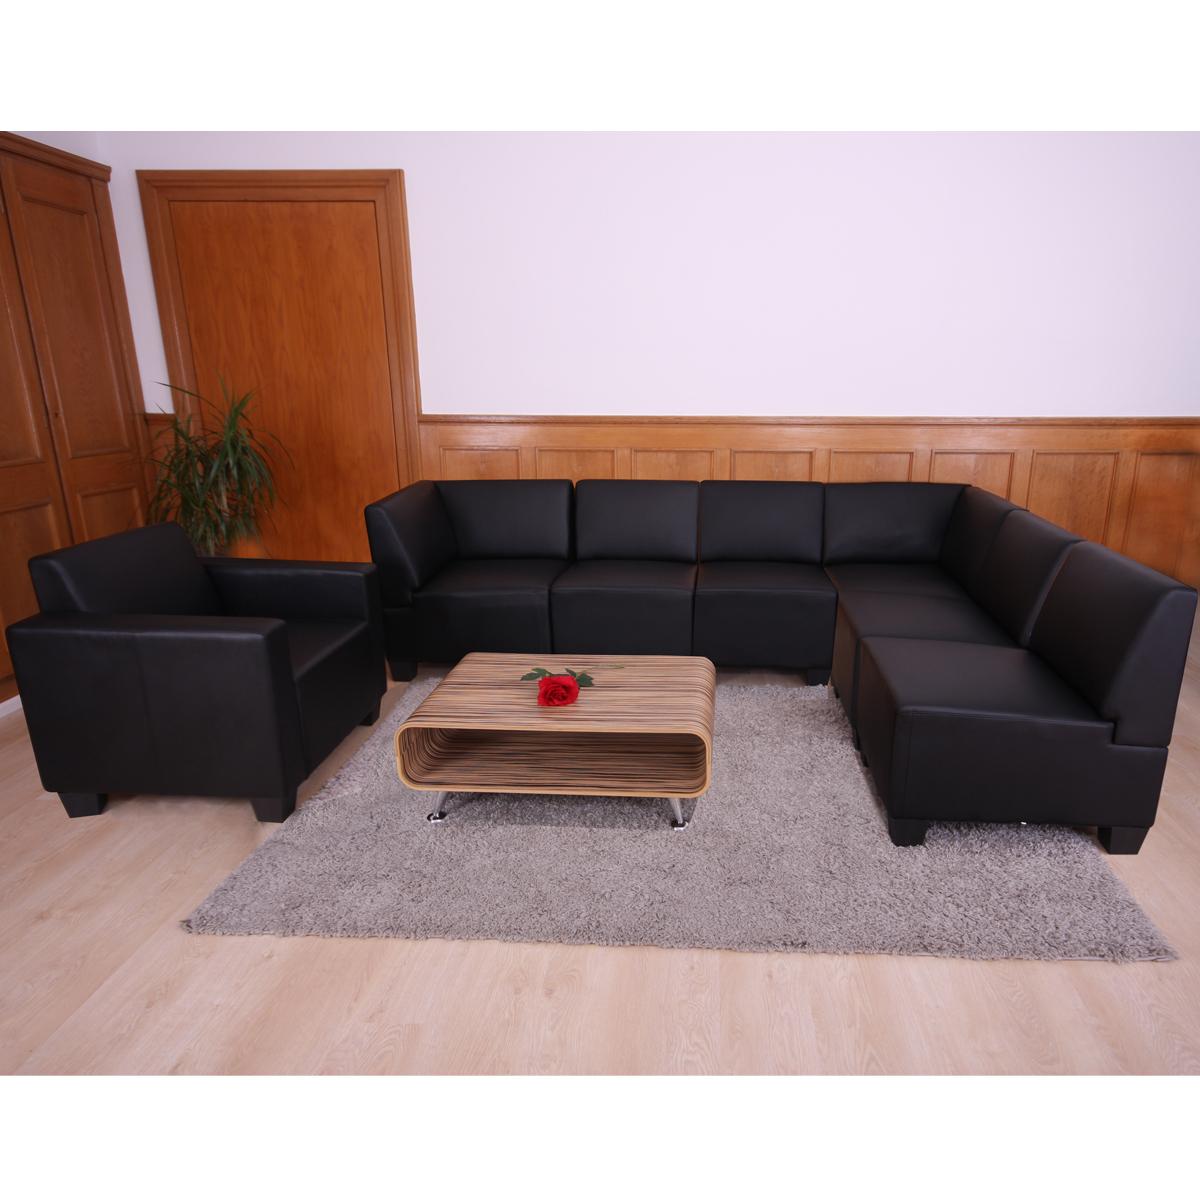 modular sofa system couch garnitur lyon 6 1 kunstleder schwarz. Black Bedroom Furniture Sets. Home Design Ideas